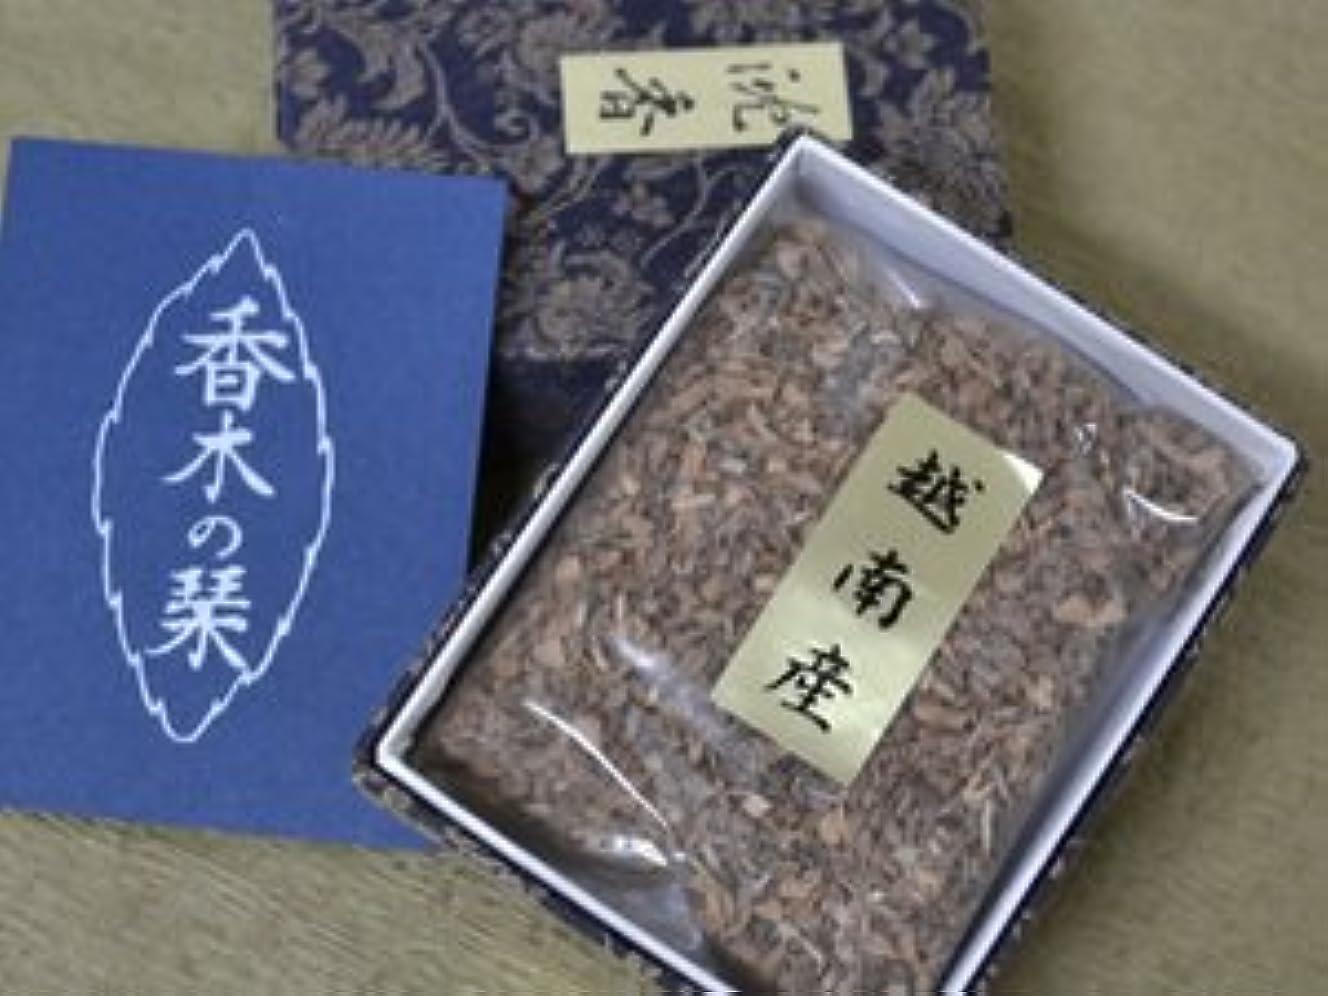 チューブひまわりバースト香木 お焼香 ベトナム産 沈香 【最高級品】 18g